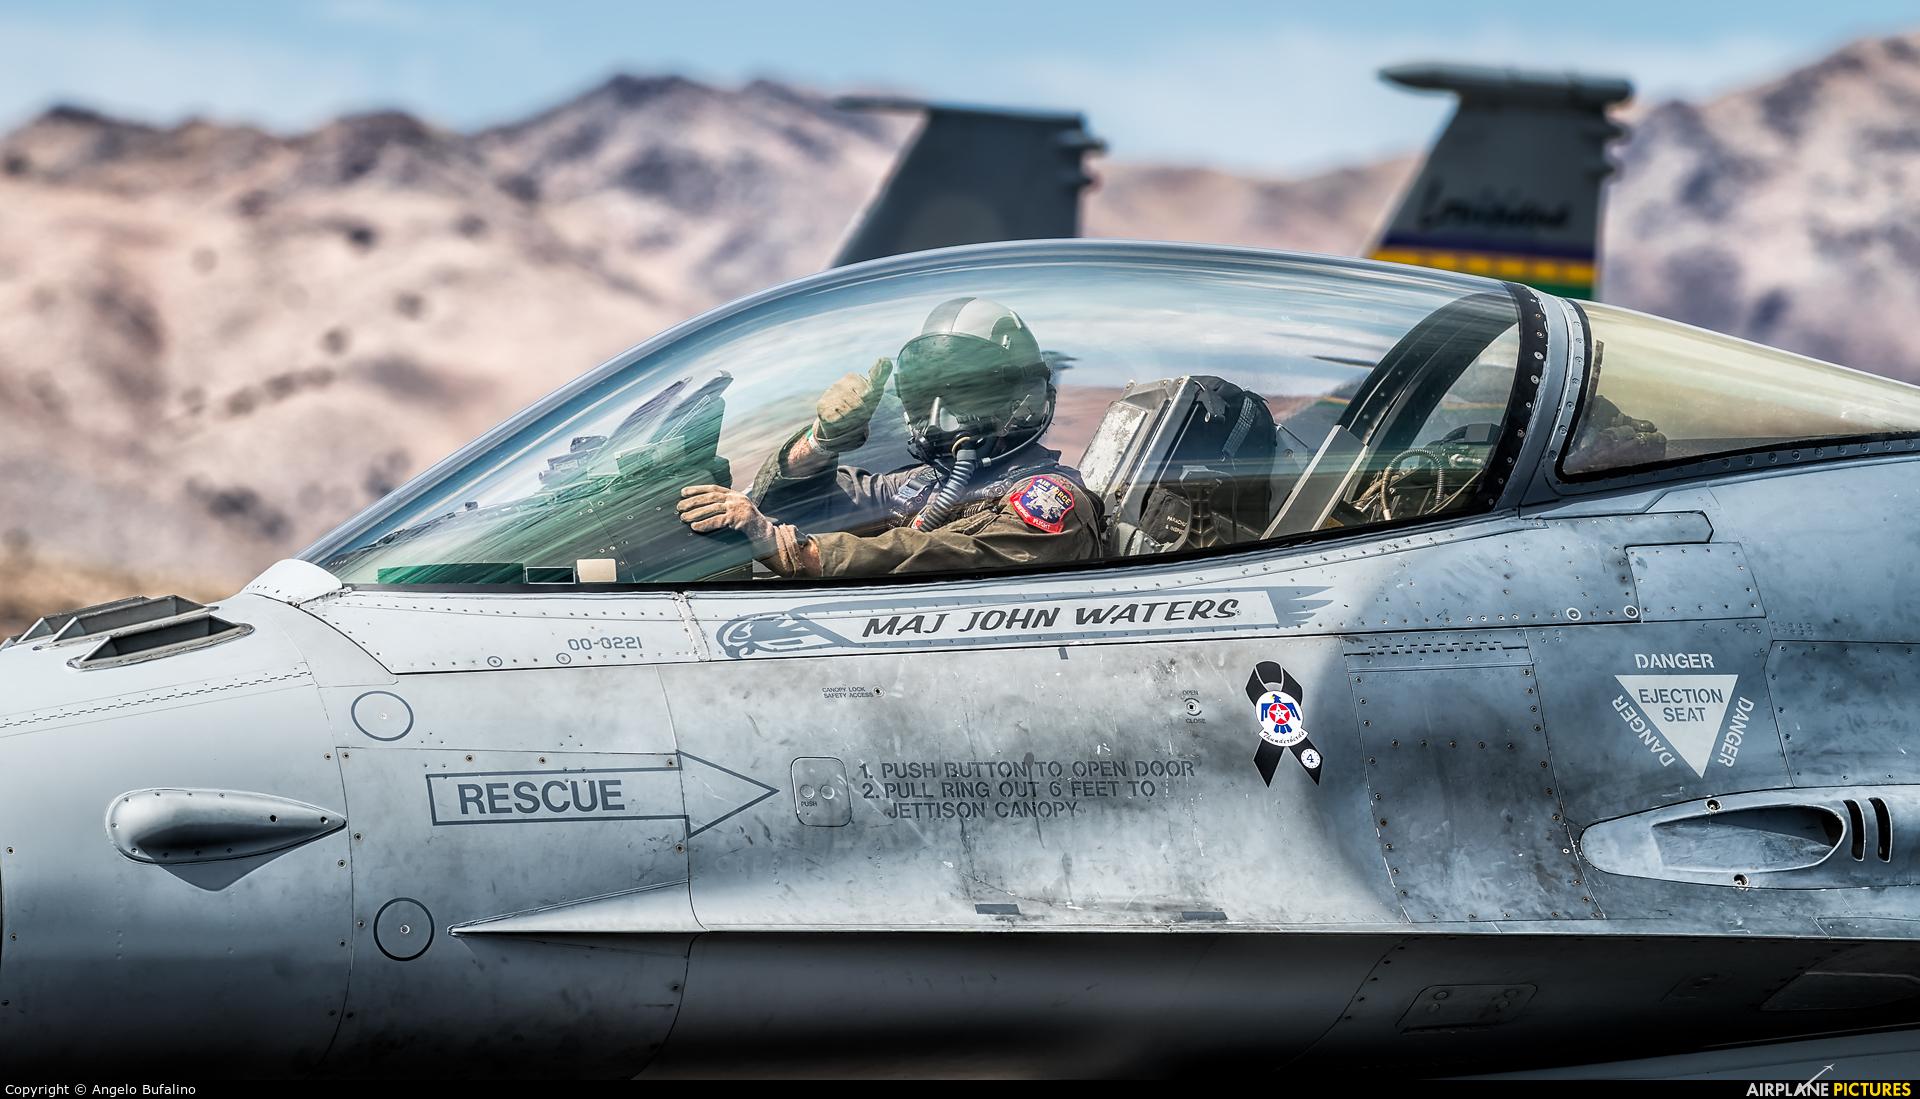 USA - Air Force 00-0221 aircraft at Reno - Tahoe